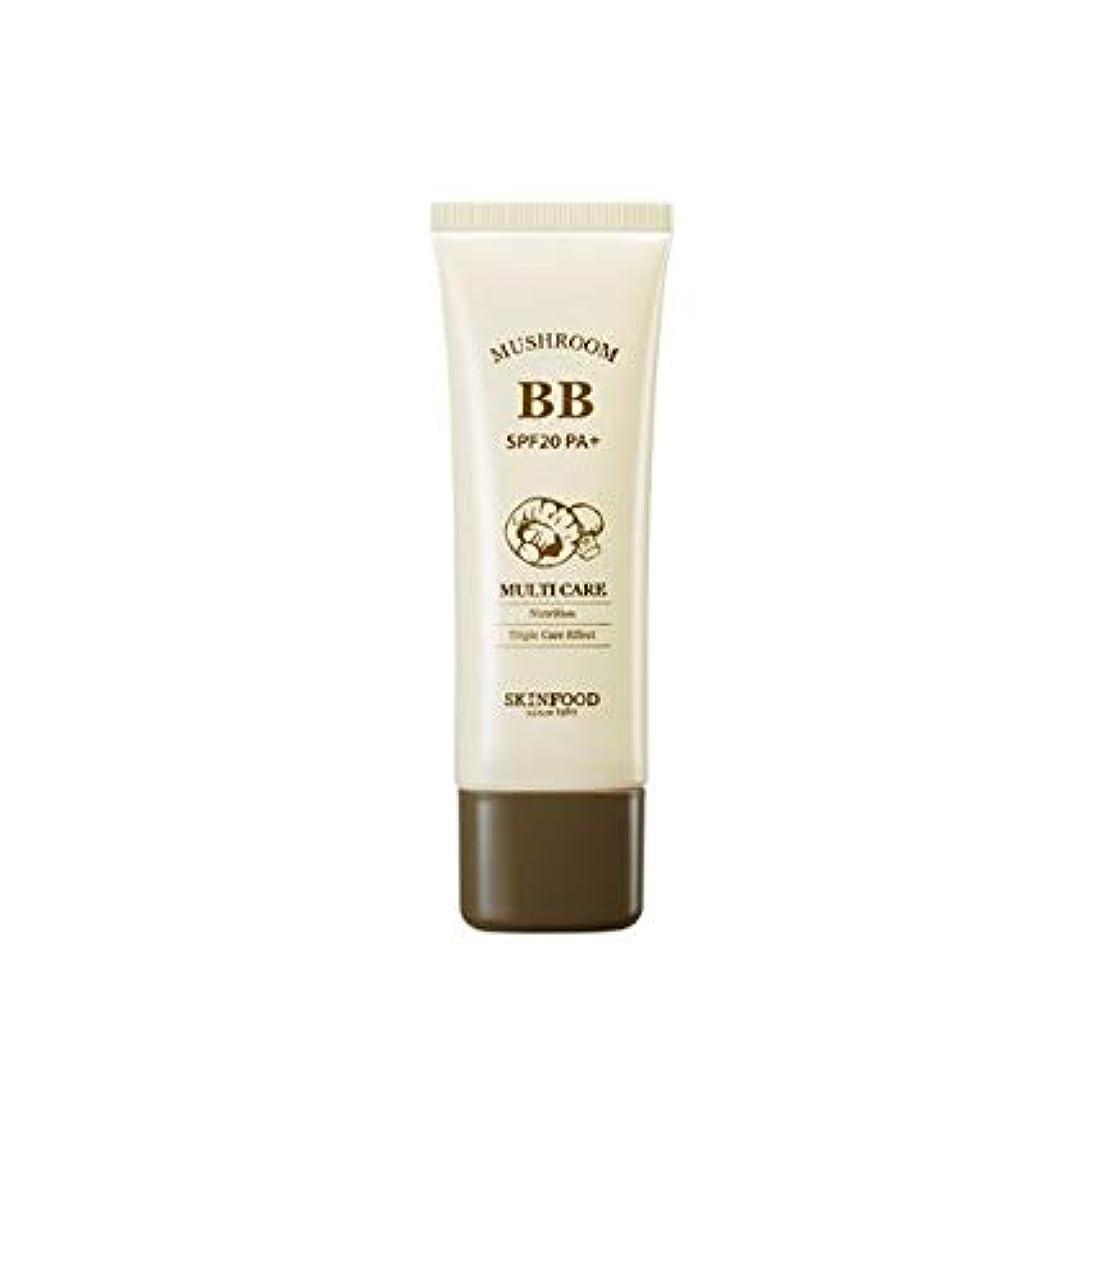 すばらしいですかもしれない思いつくSkinfood マッシュルームマルチケアBBクリームSPF20 PA +#No. 1ブライトスキン / Mushroom Multi Care BB Cream SPF20 PA+# No. 1 Bright Skin...